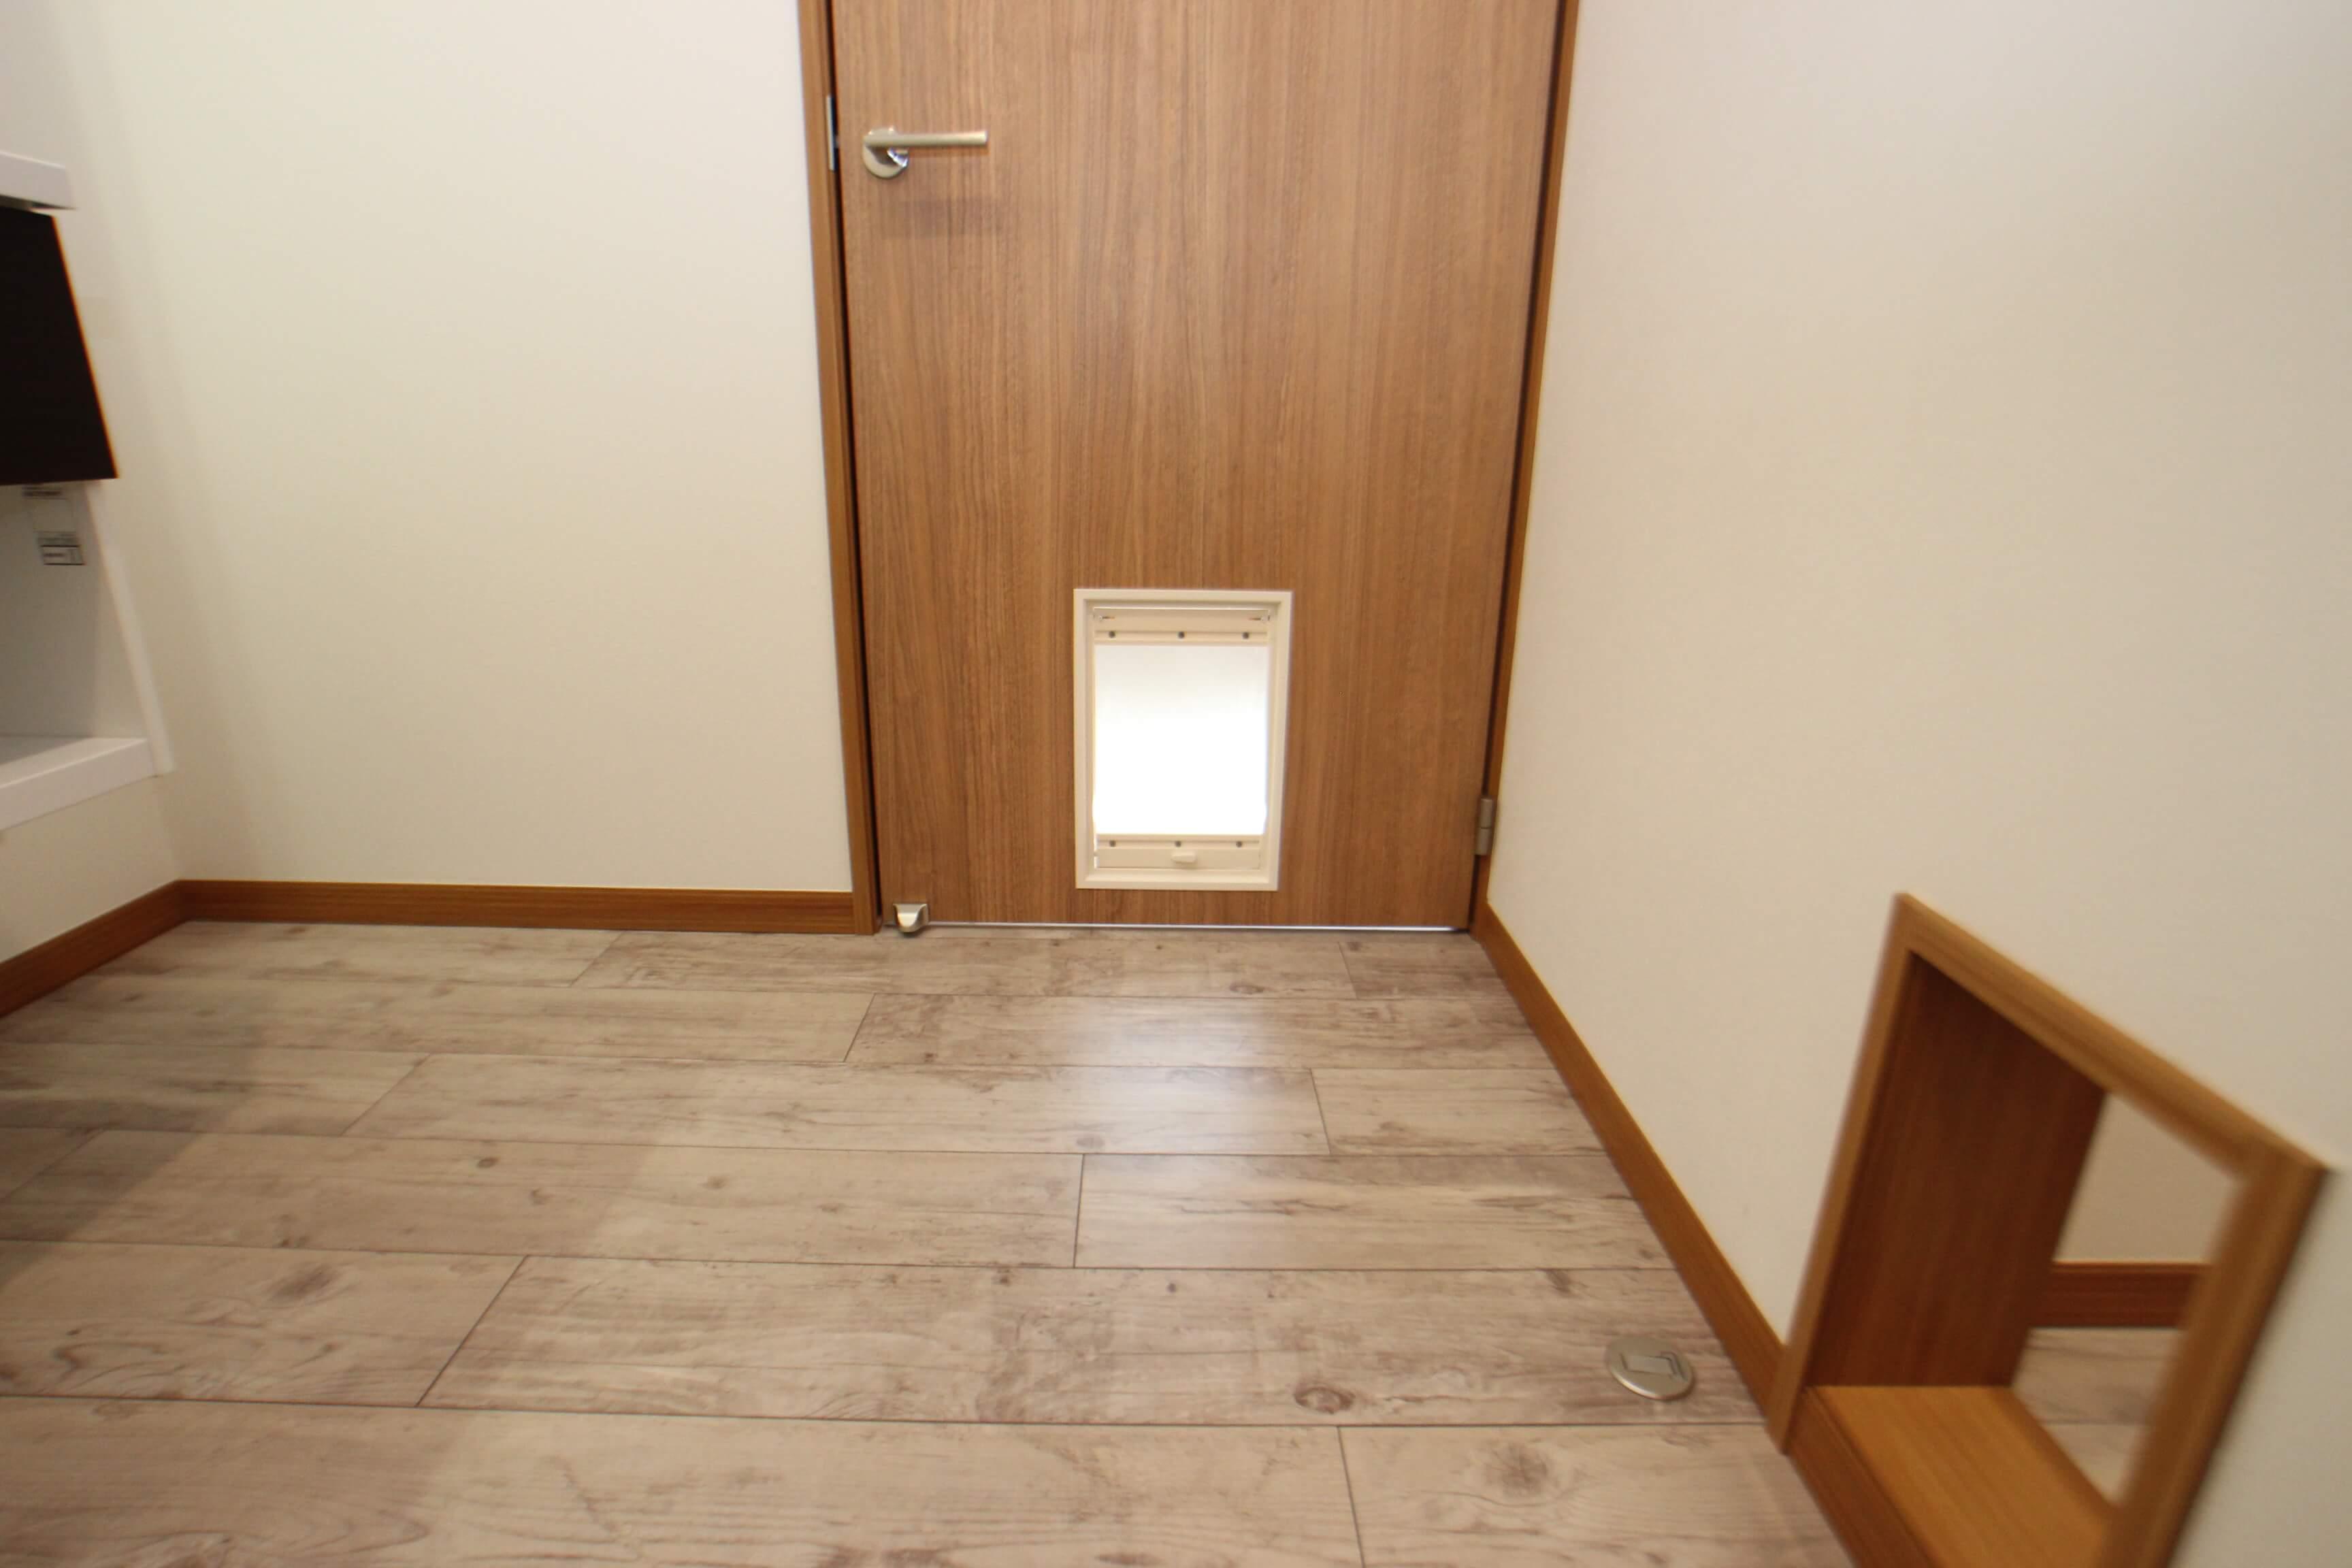 キャットスルードアは洗面スペースのドアについてます。 そしてなんと、入ってきたら横の壁からも出ていけるんだにゃ! なんだか迷路のようで楽しいですにゃ。